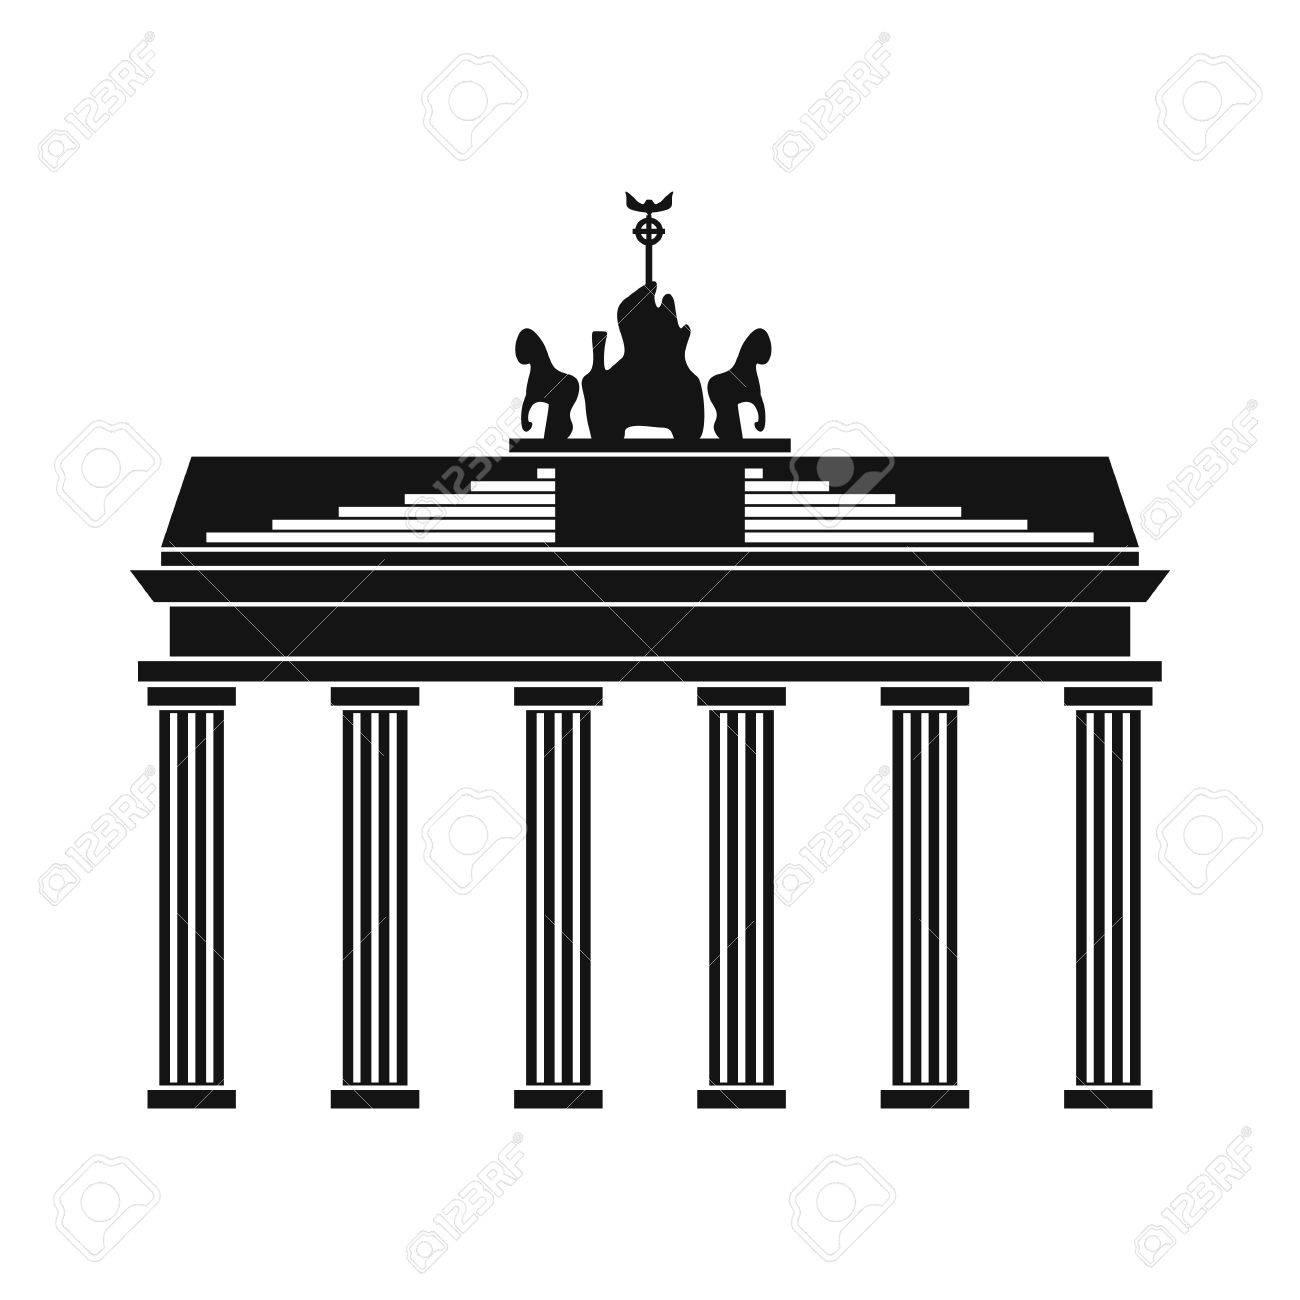 Brandenburger Tor Symbol In Einfachen Stil Isoliert Auf Weiss Lizenzfrei Nutzbare Vektorgrafiken Clip Arts Illustrationen Image 52509016